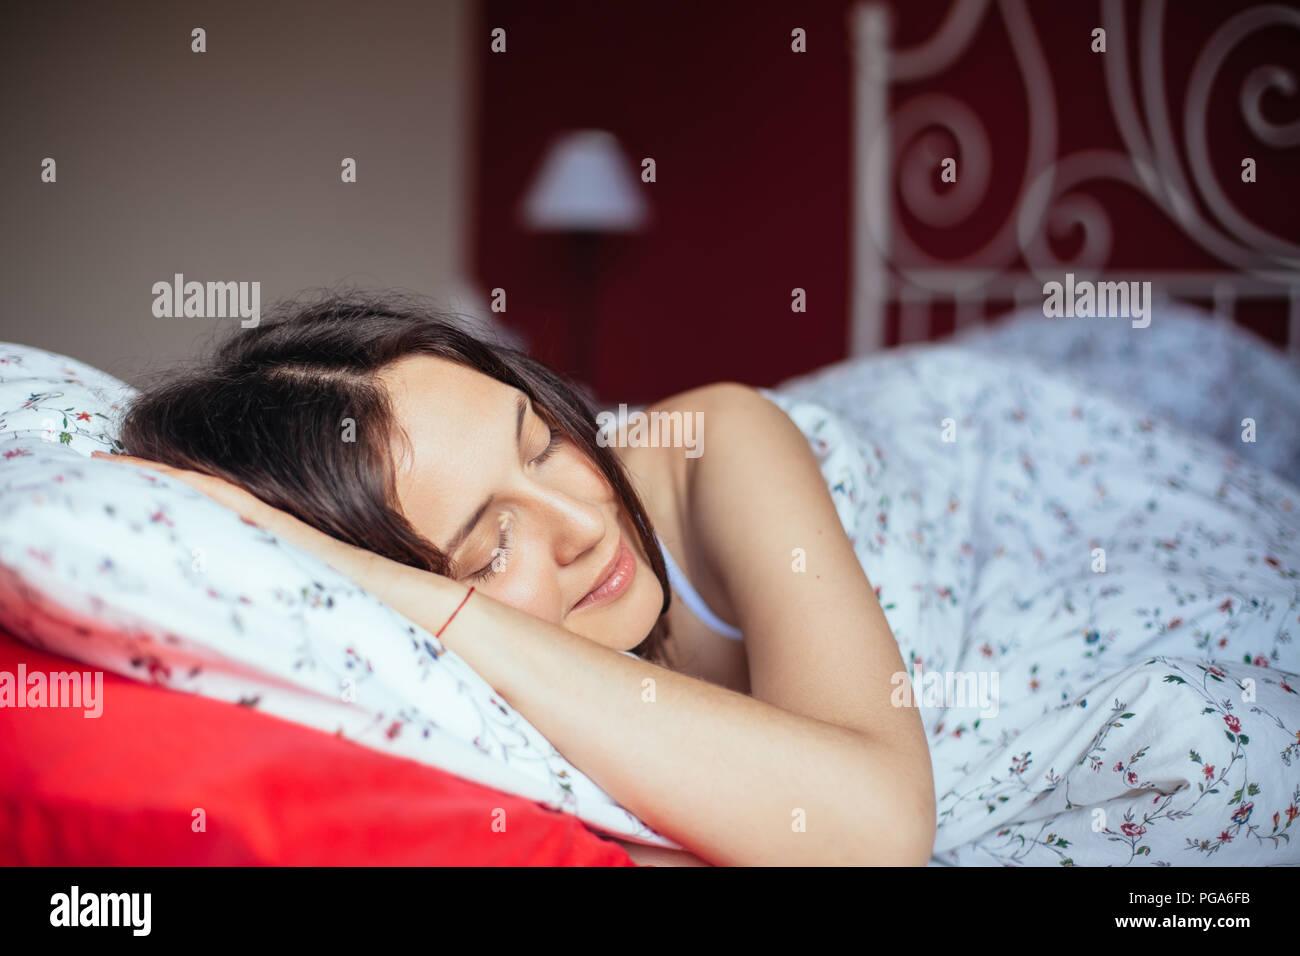 Giovane donna sorridente mentre dorme nel suo letto a casa. Concetto di relax Immagini Stock